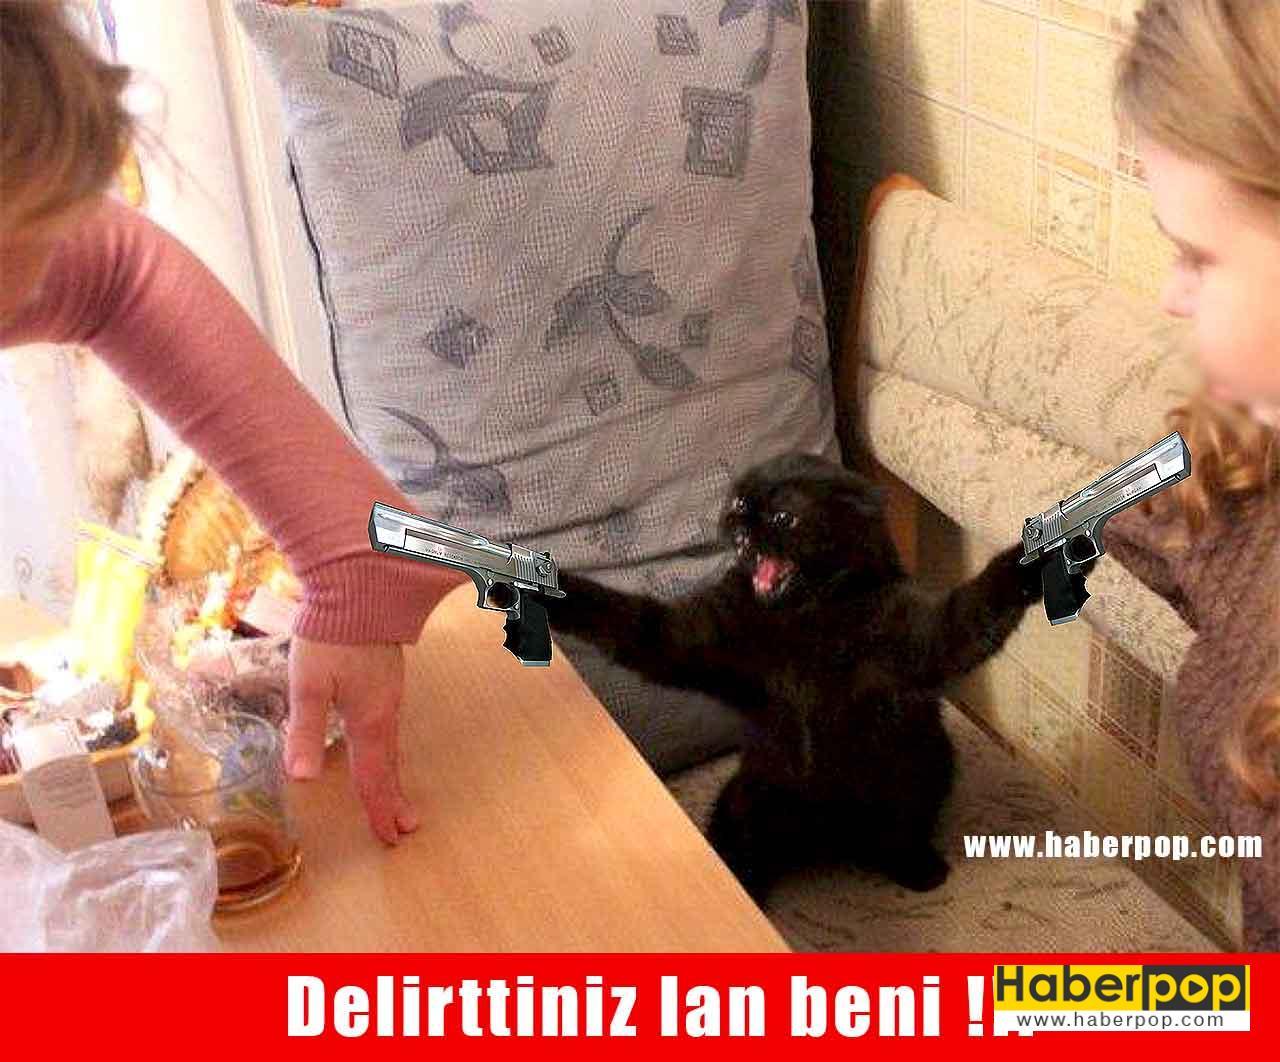 sinirlenip sahiplerine silah çeken öfkeli kedi